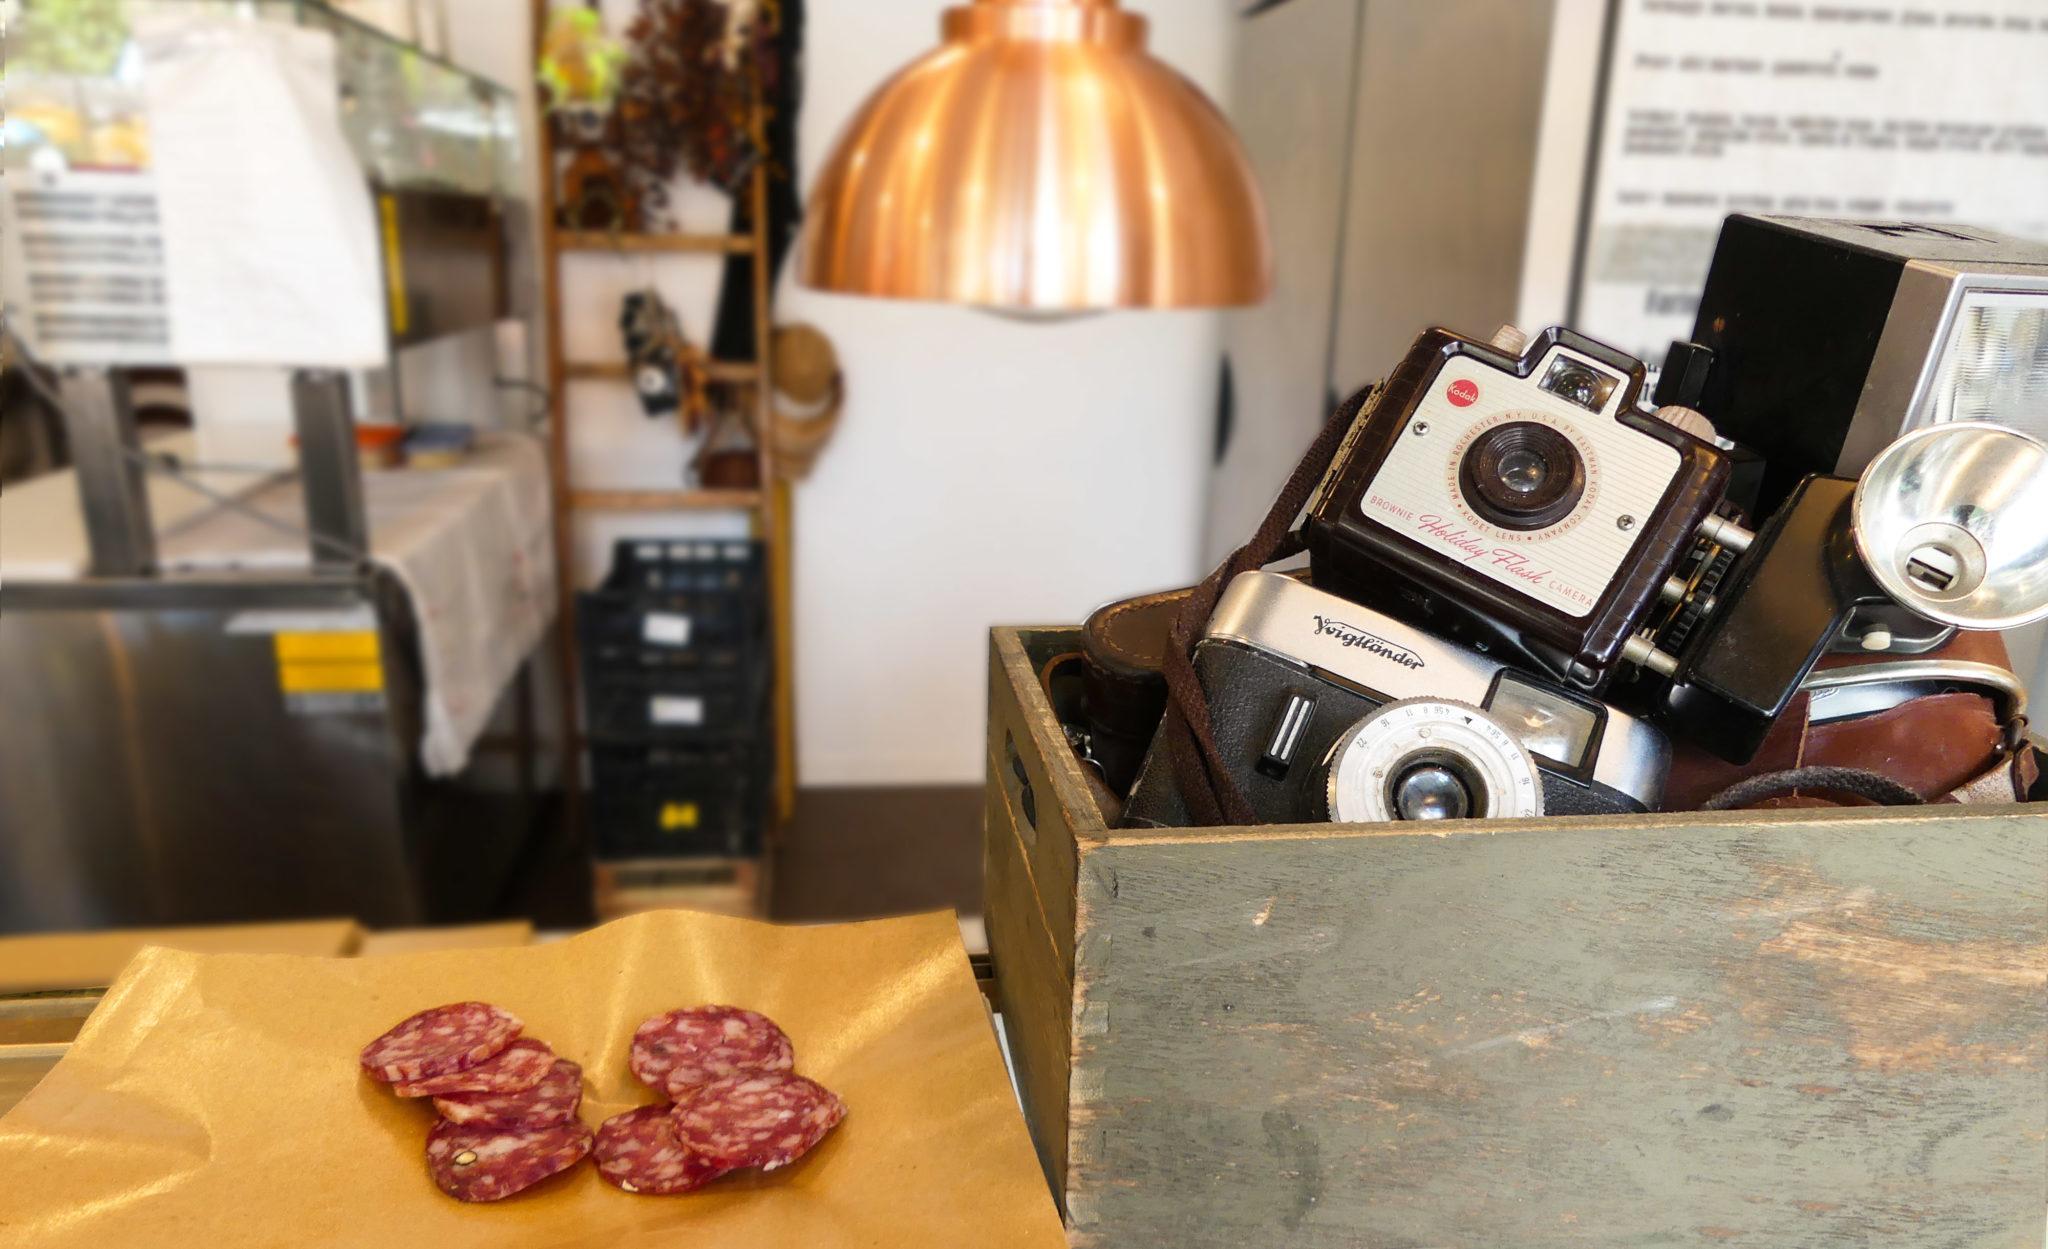 Dal 1962 Foto Kino a Riccione si occupa di fotografia. Da oggi si divide in due e con la piada di Kino prepara piadine fotogeniche